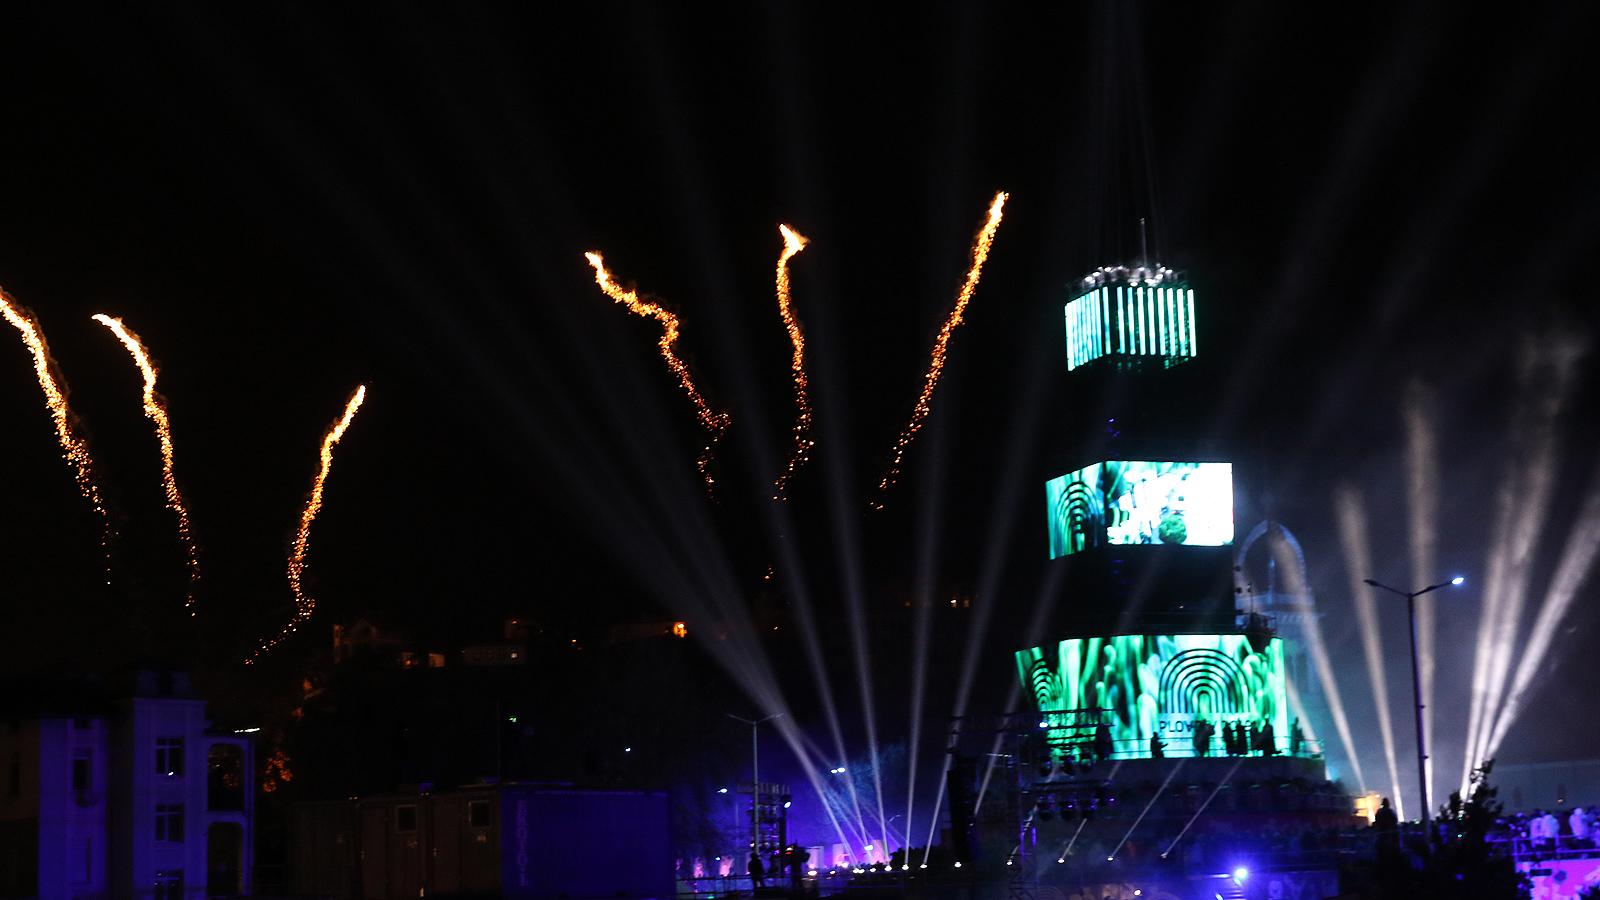 Откриването на ЕСК 2019 в Пловдив